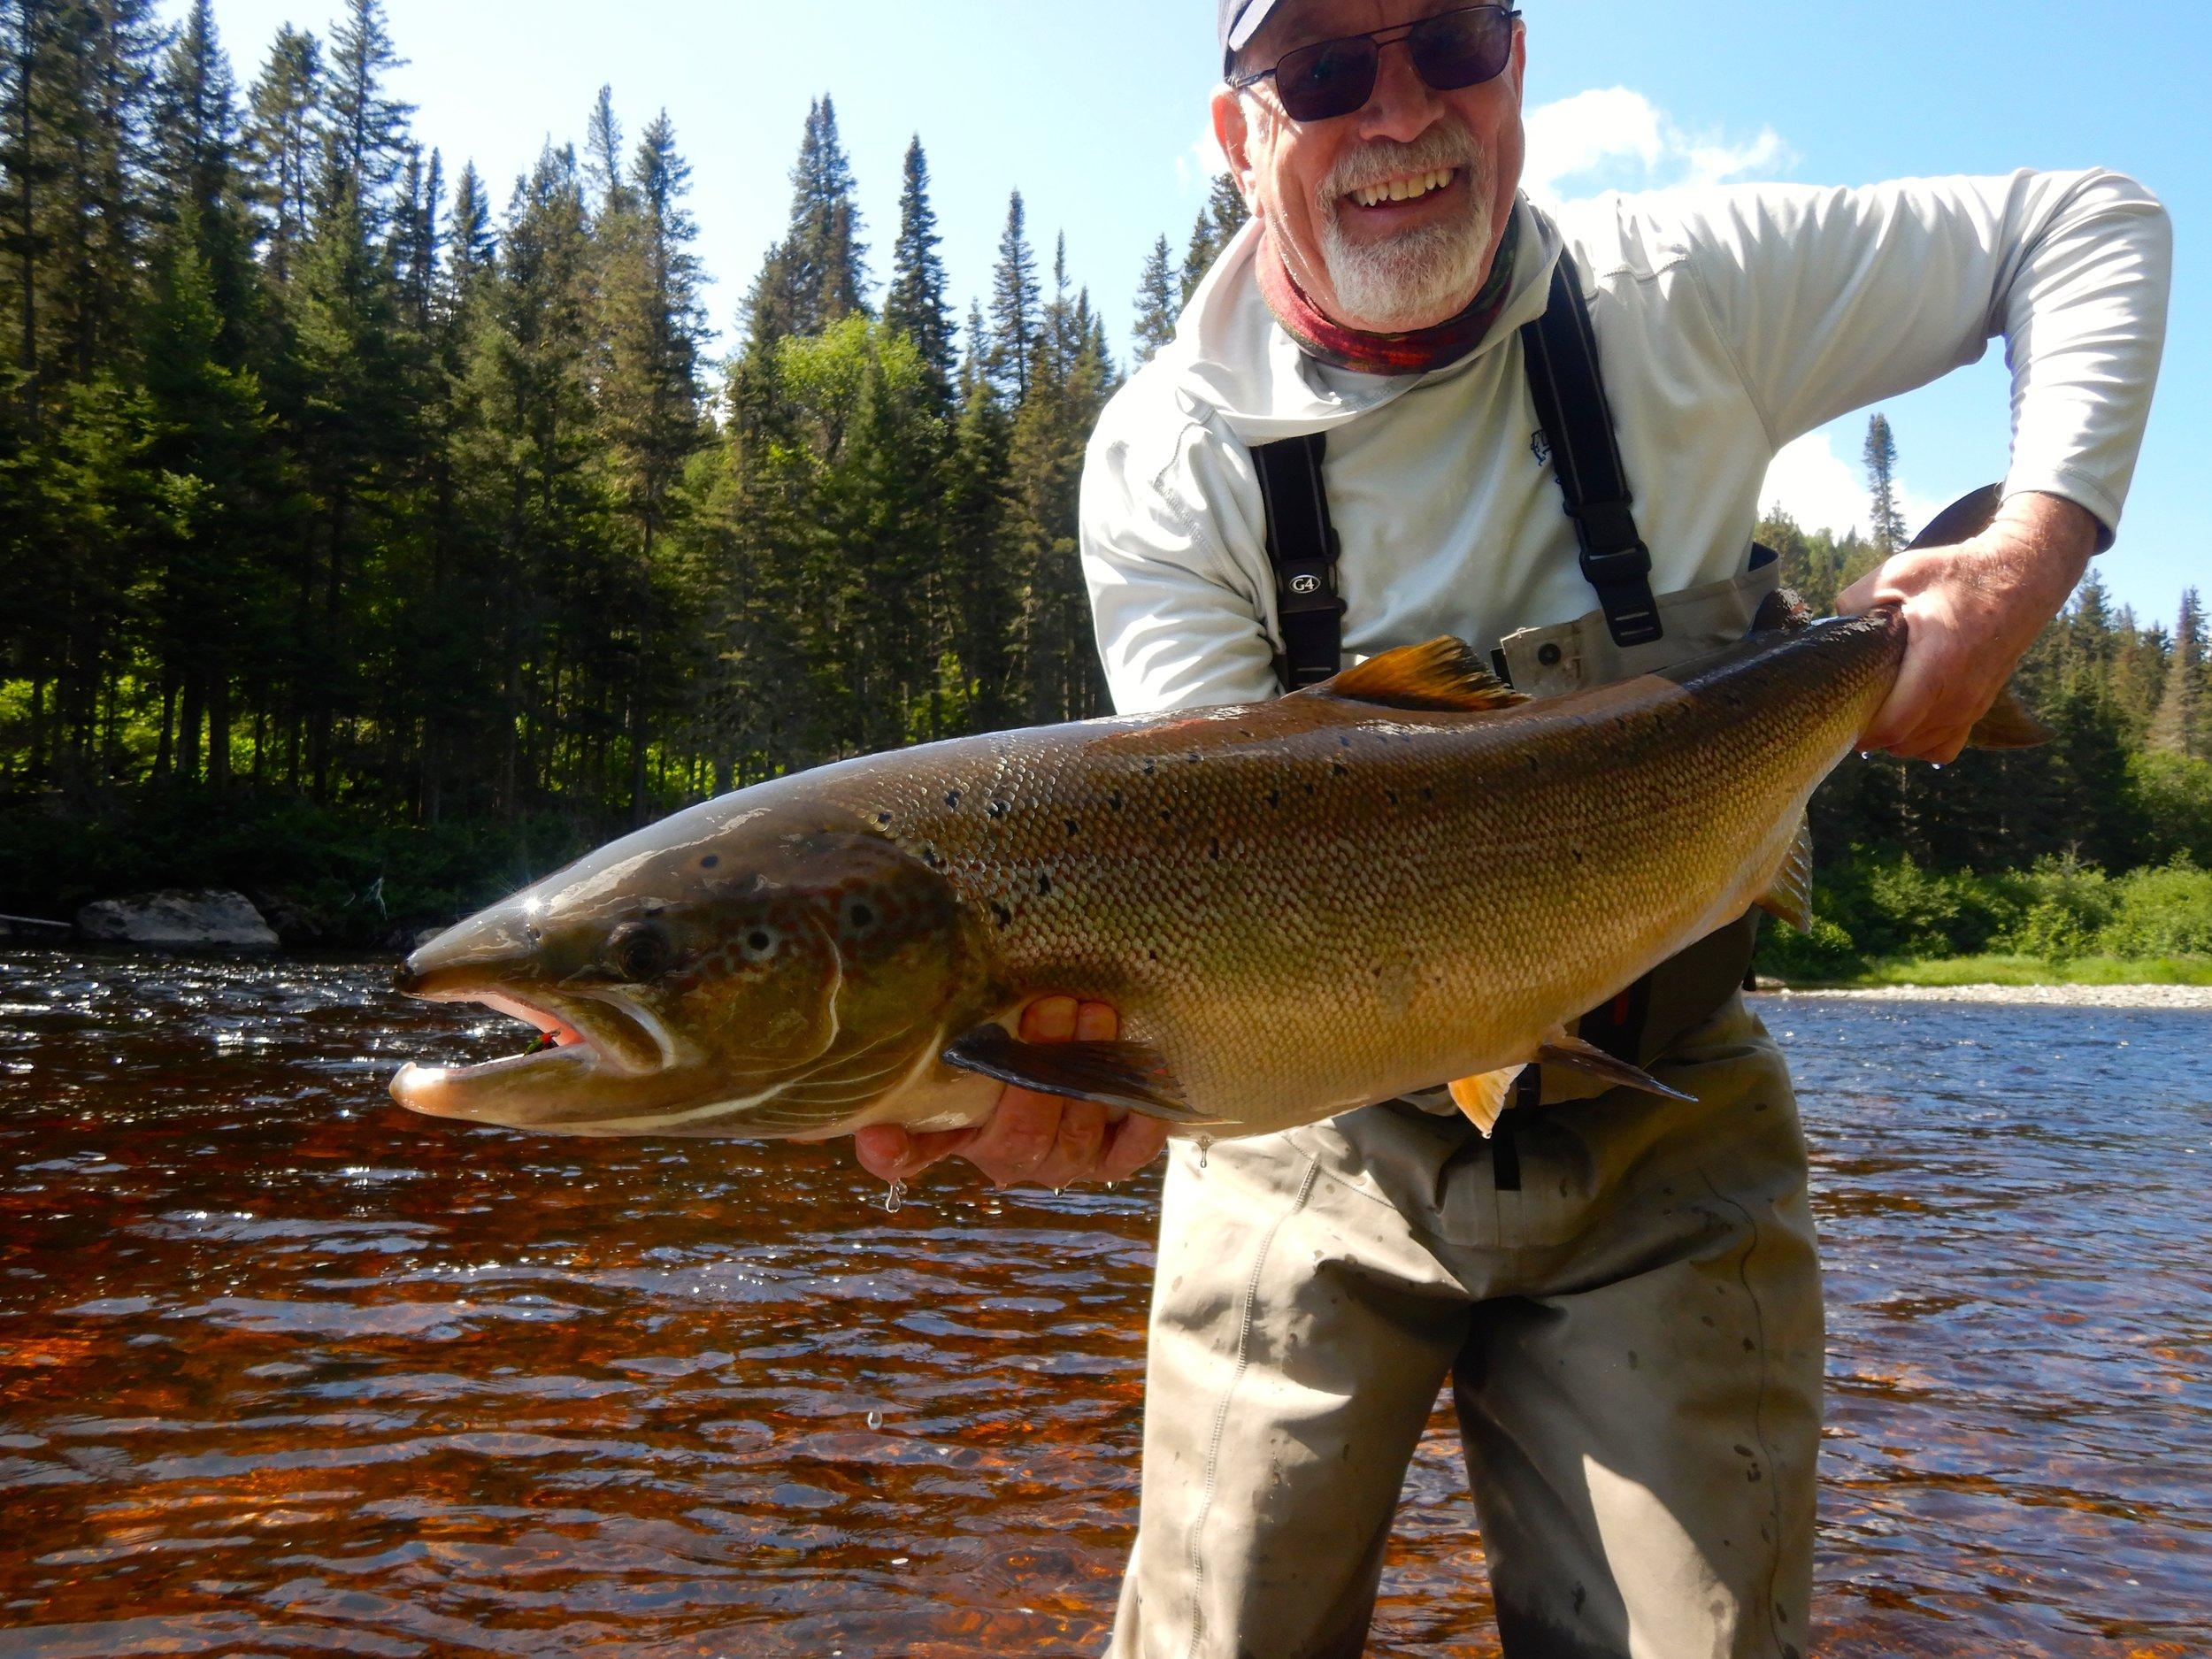 C'est toujours un plaisir de recevoir notre cher ami Michael Kendrick à Salmon Lodge.Le voici lors de sa première journée de pêche avec une superbe prise qu'il a remise dans la Cascapédia. Félicitations, Michael!